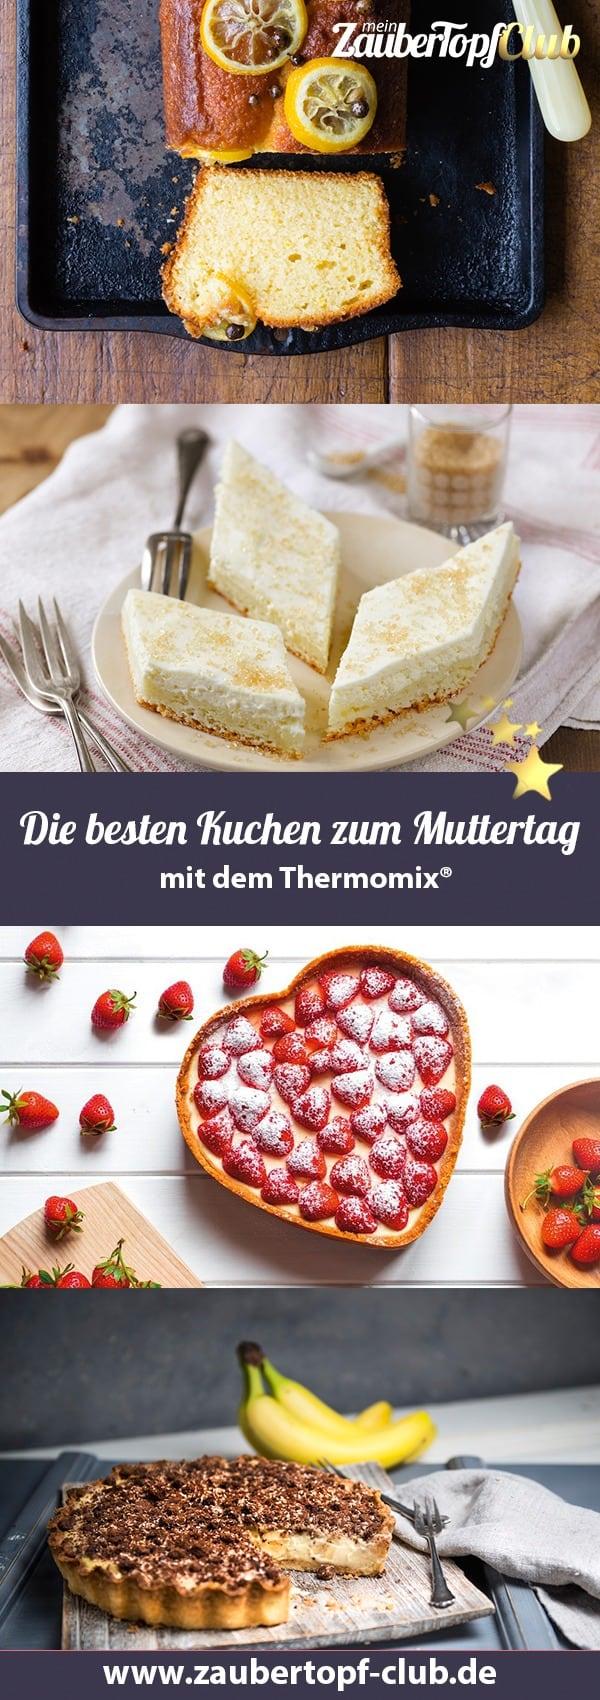 Die besten Kuchen zum Muttertag – Foto: Shutterstock, Mike Hofstetter, Frauke Antholz, Sophia Handschuh